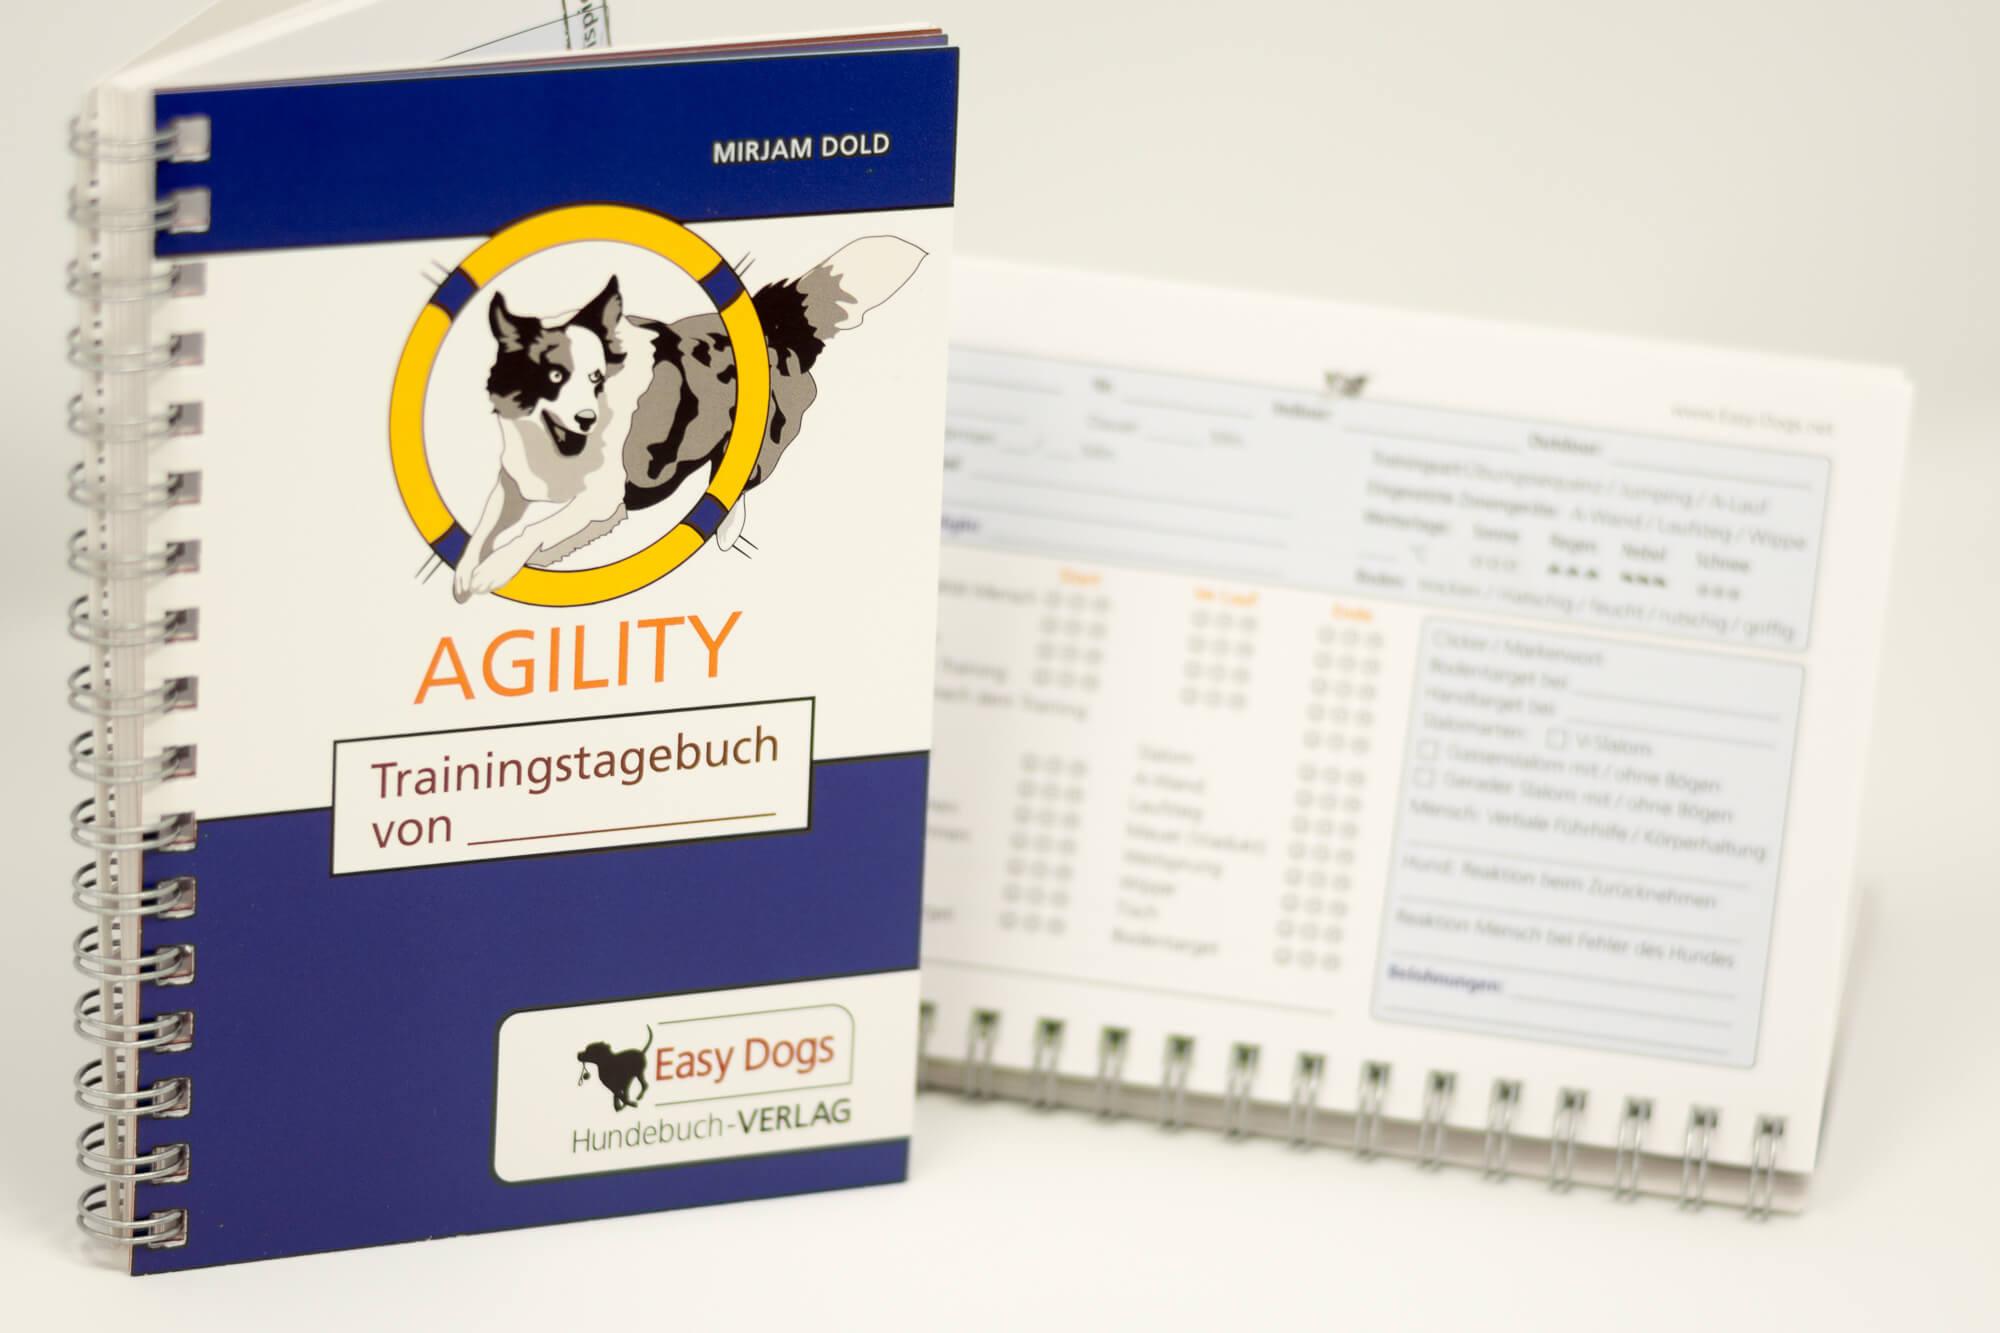 Easy Dogs Trainingstagebuch Agility [Mirjam Dold]